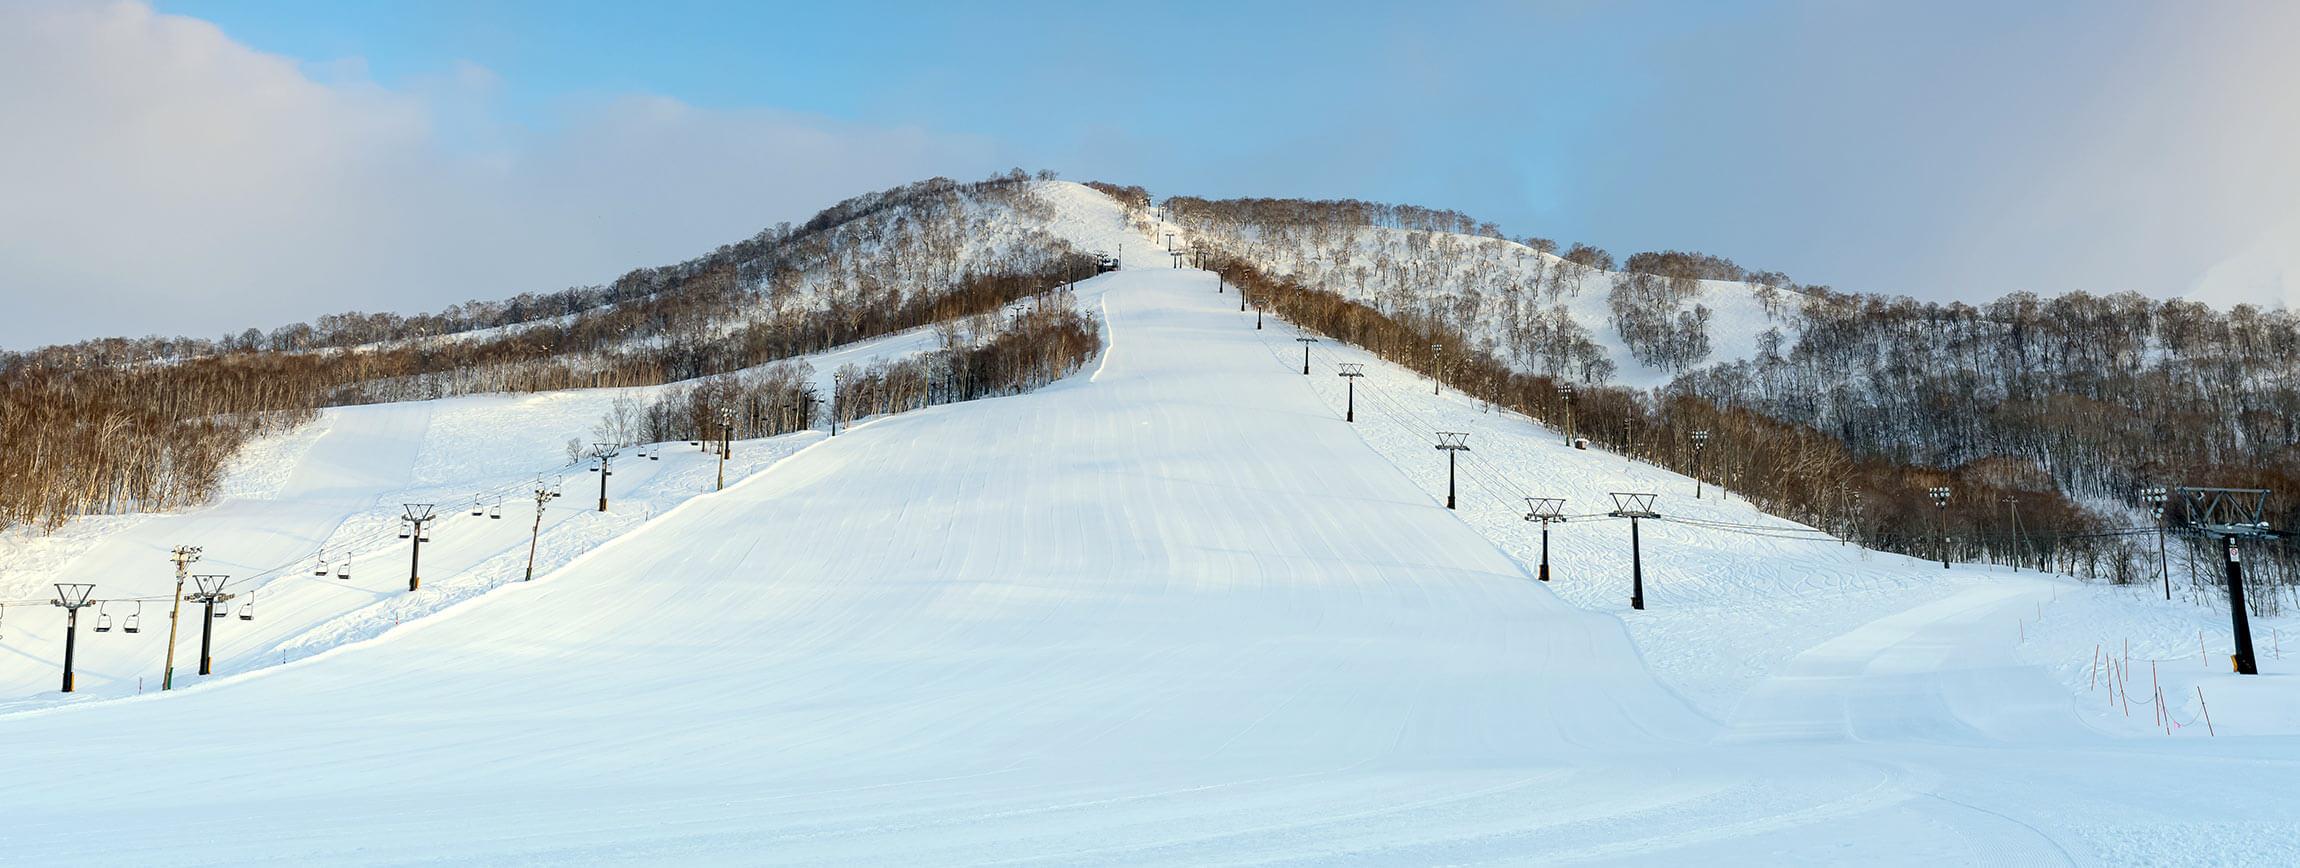 Niseko Moiwa Ski Resort